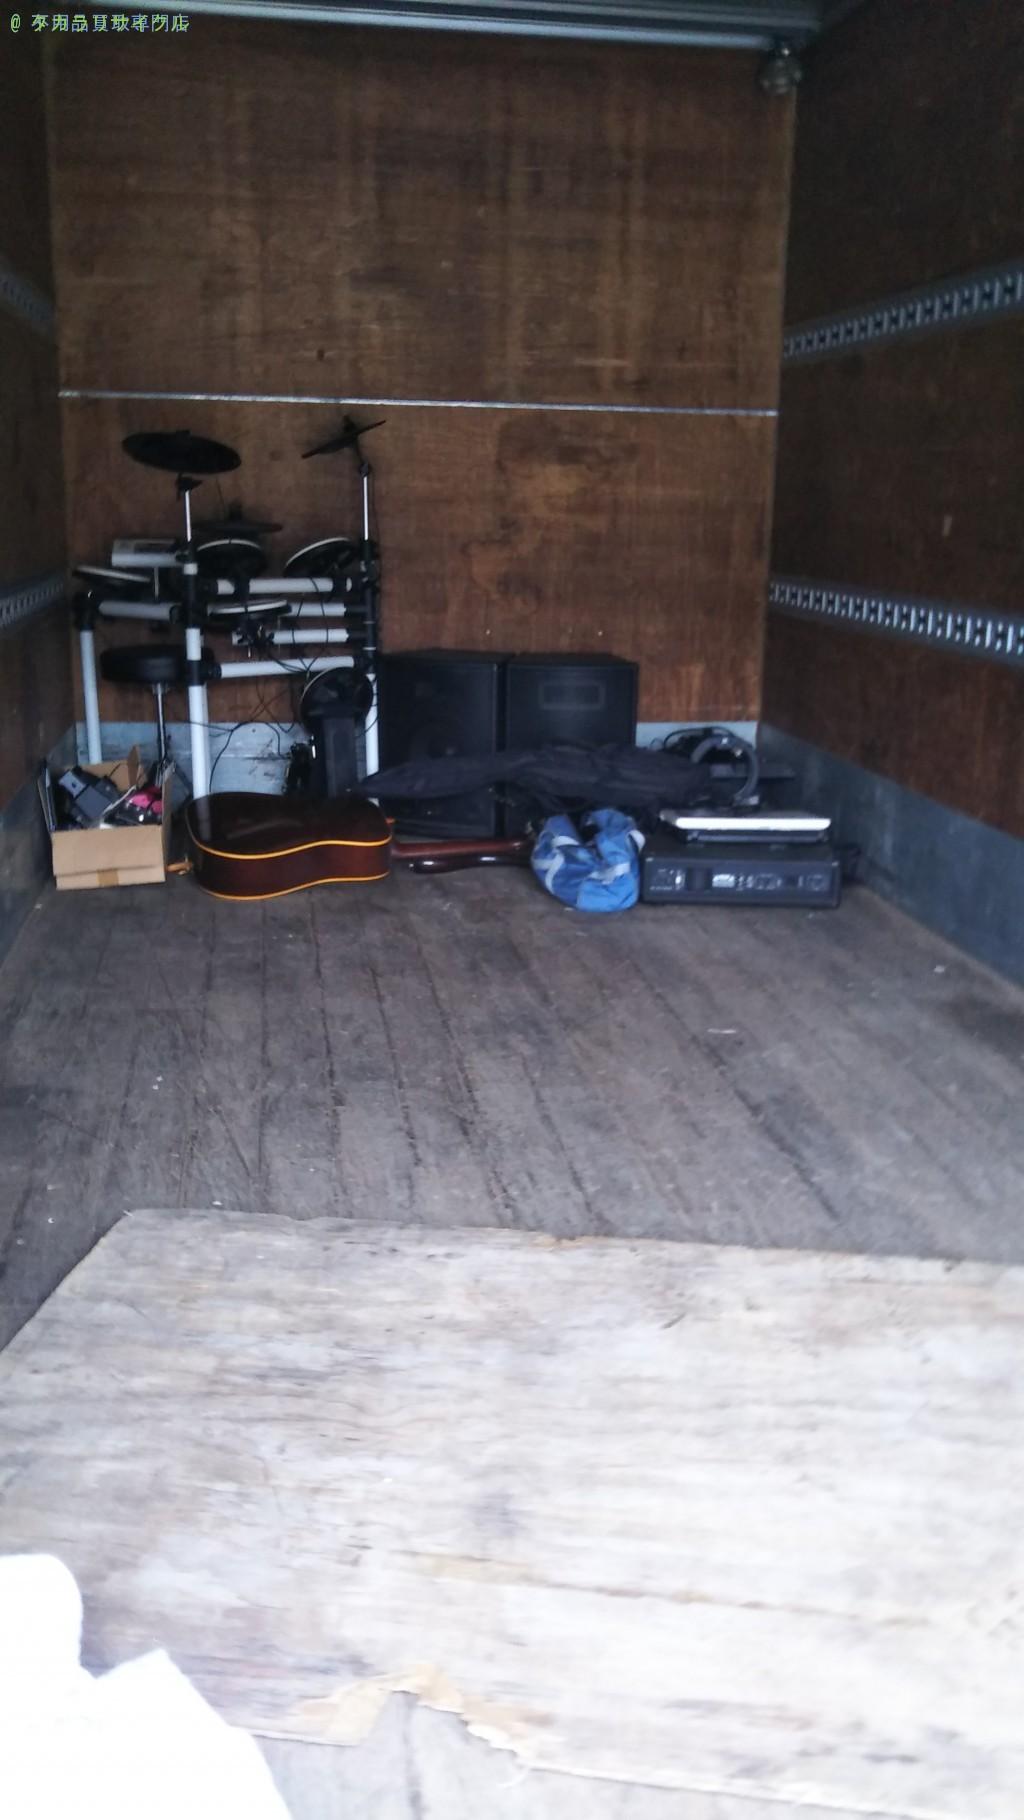 【高岡郡四万十町榊山町】楽器・音楽機材の処分・回収のご依頼者さま